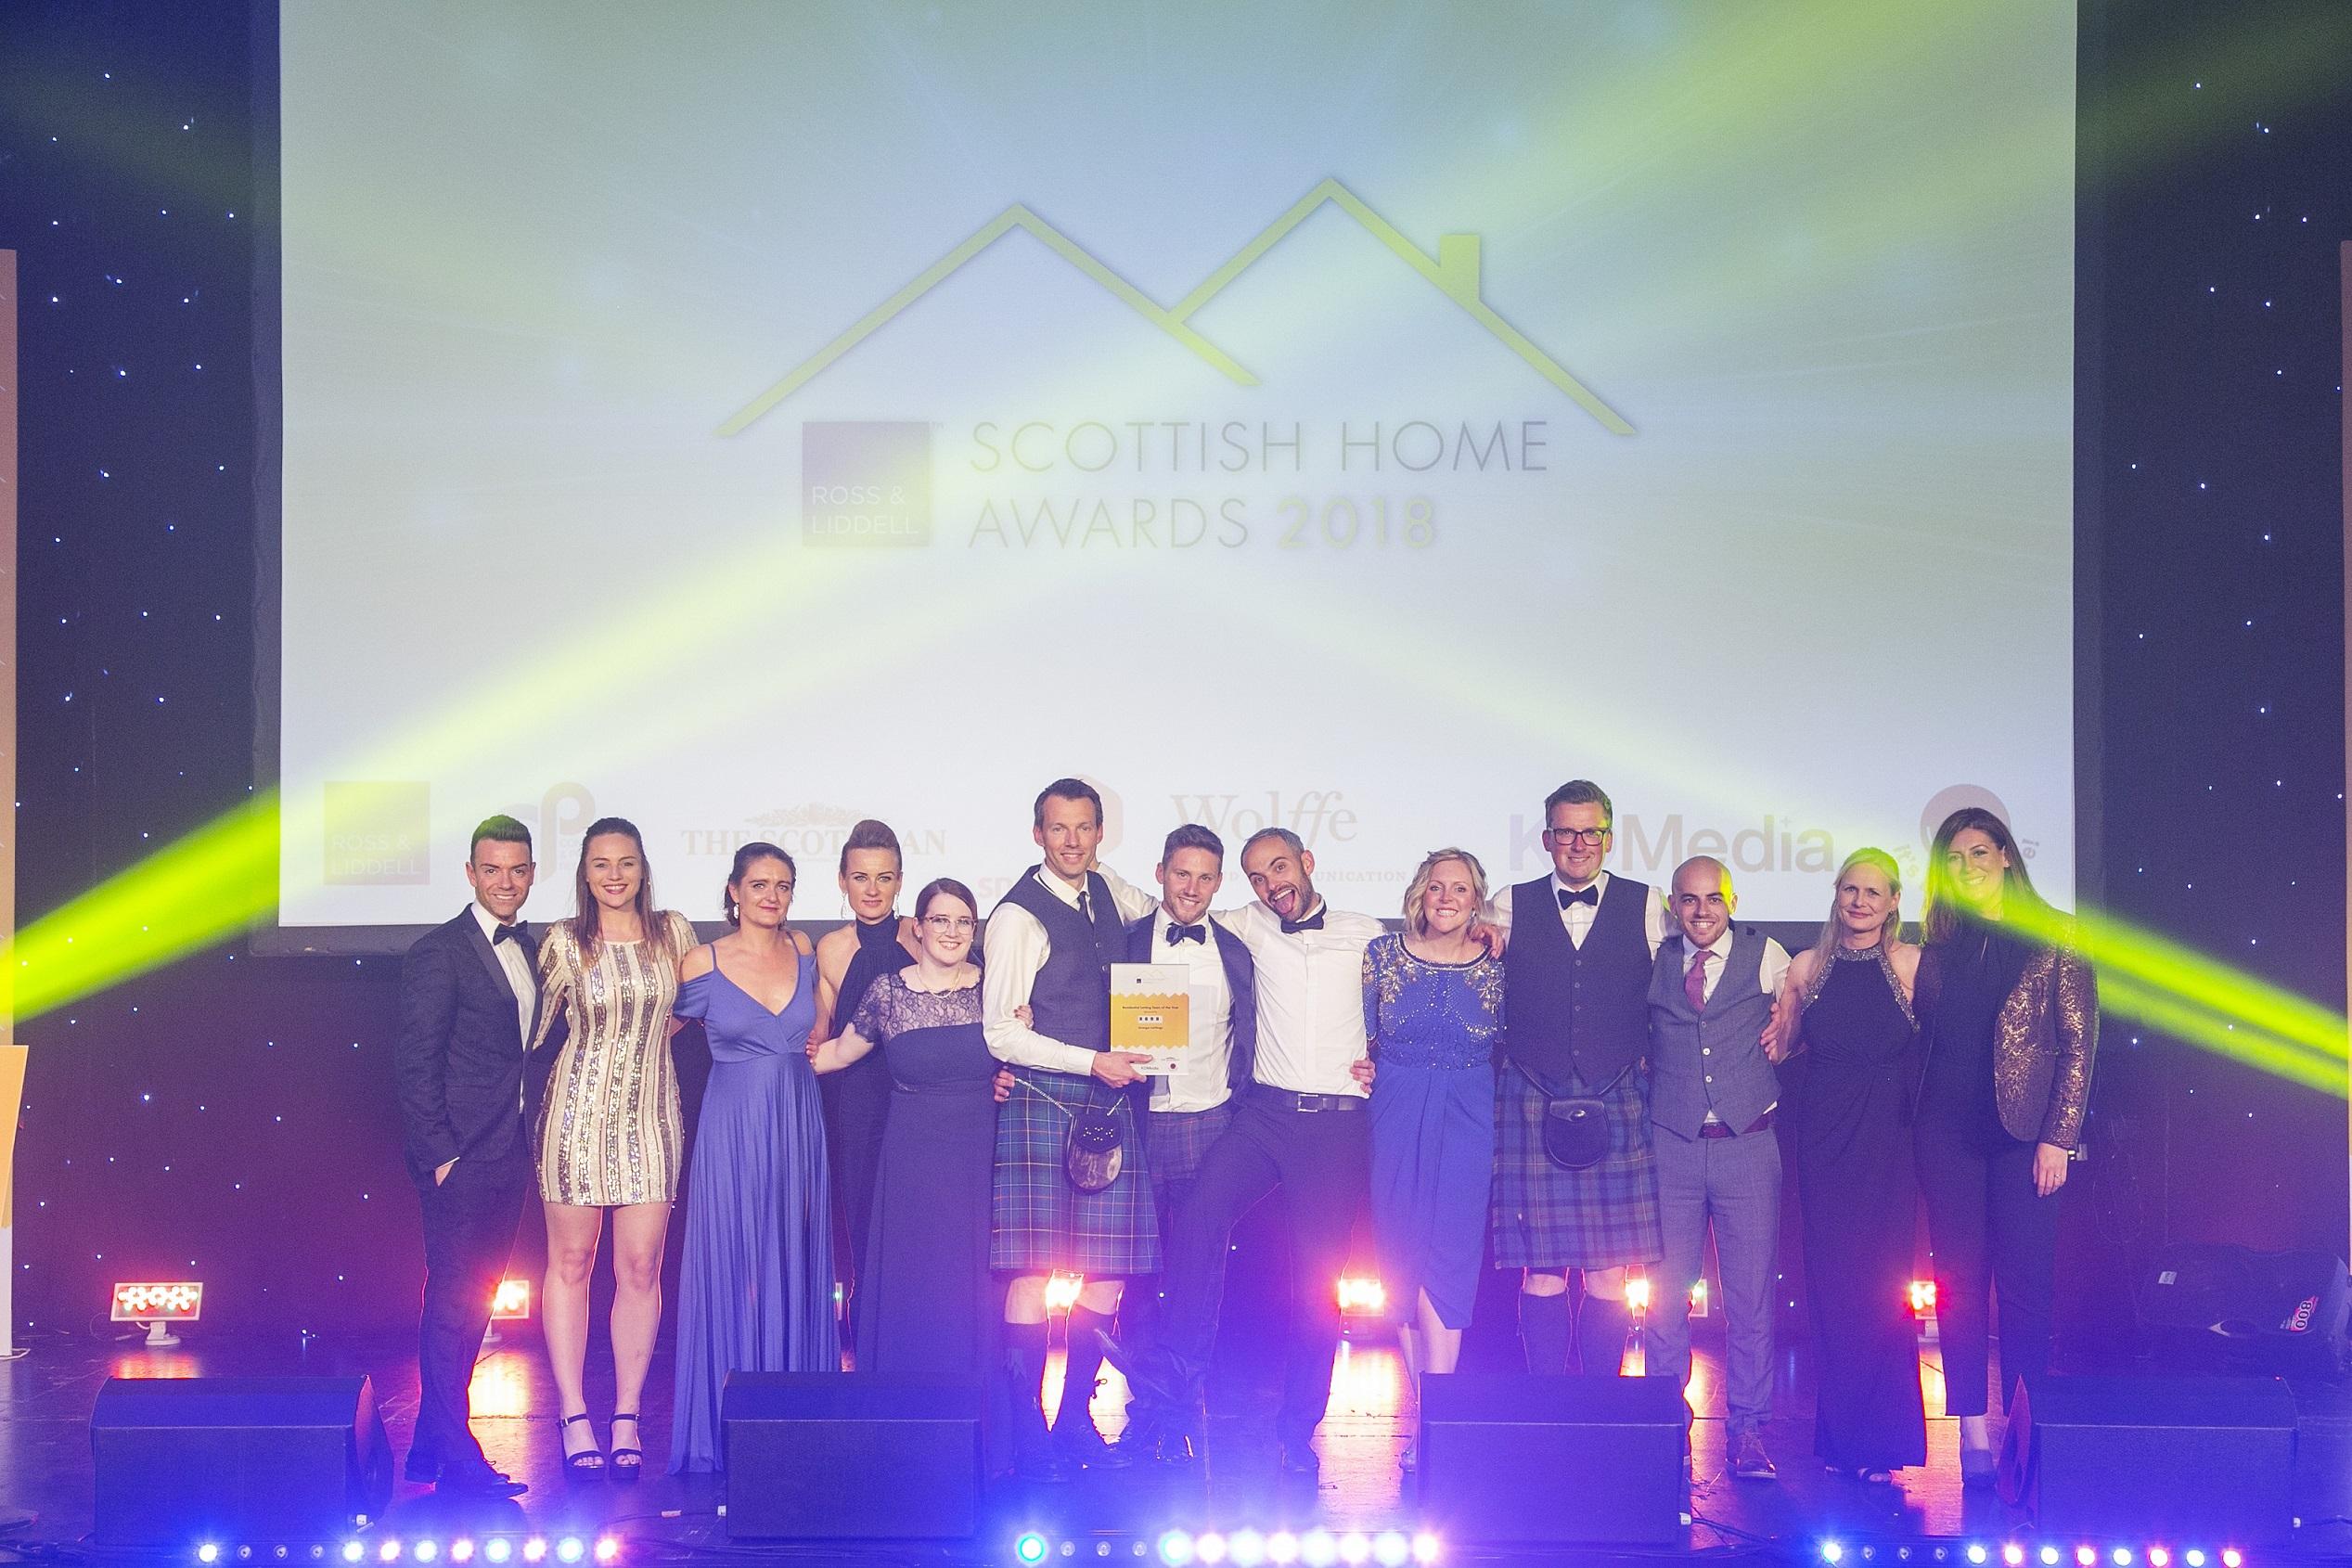 Scottish Home Awards Winner 2018!